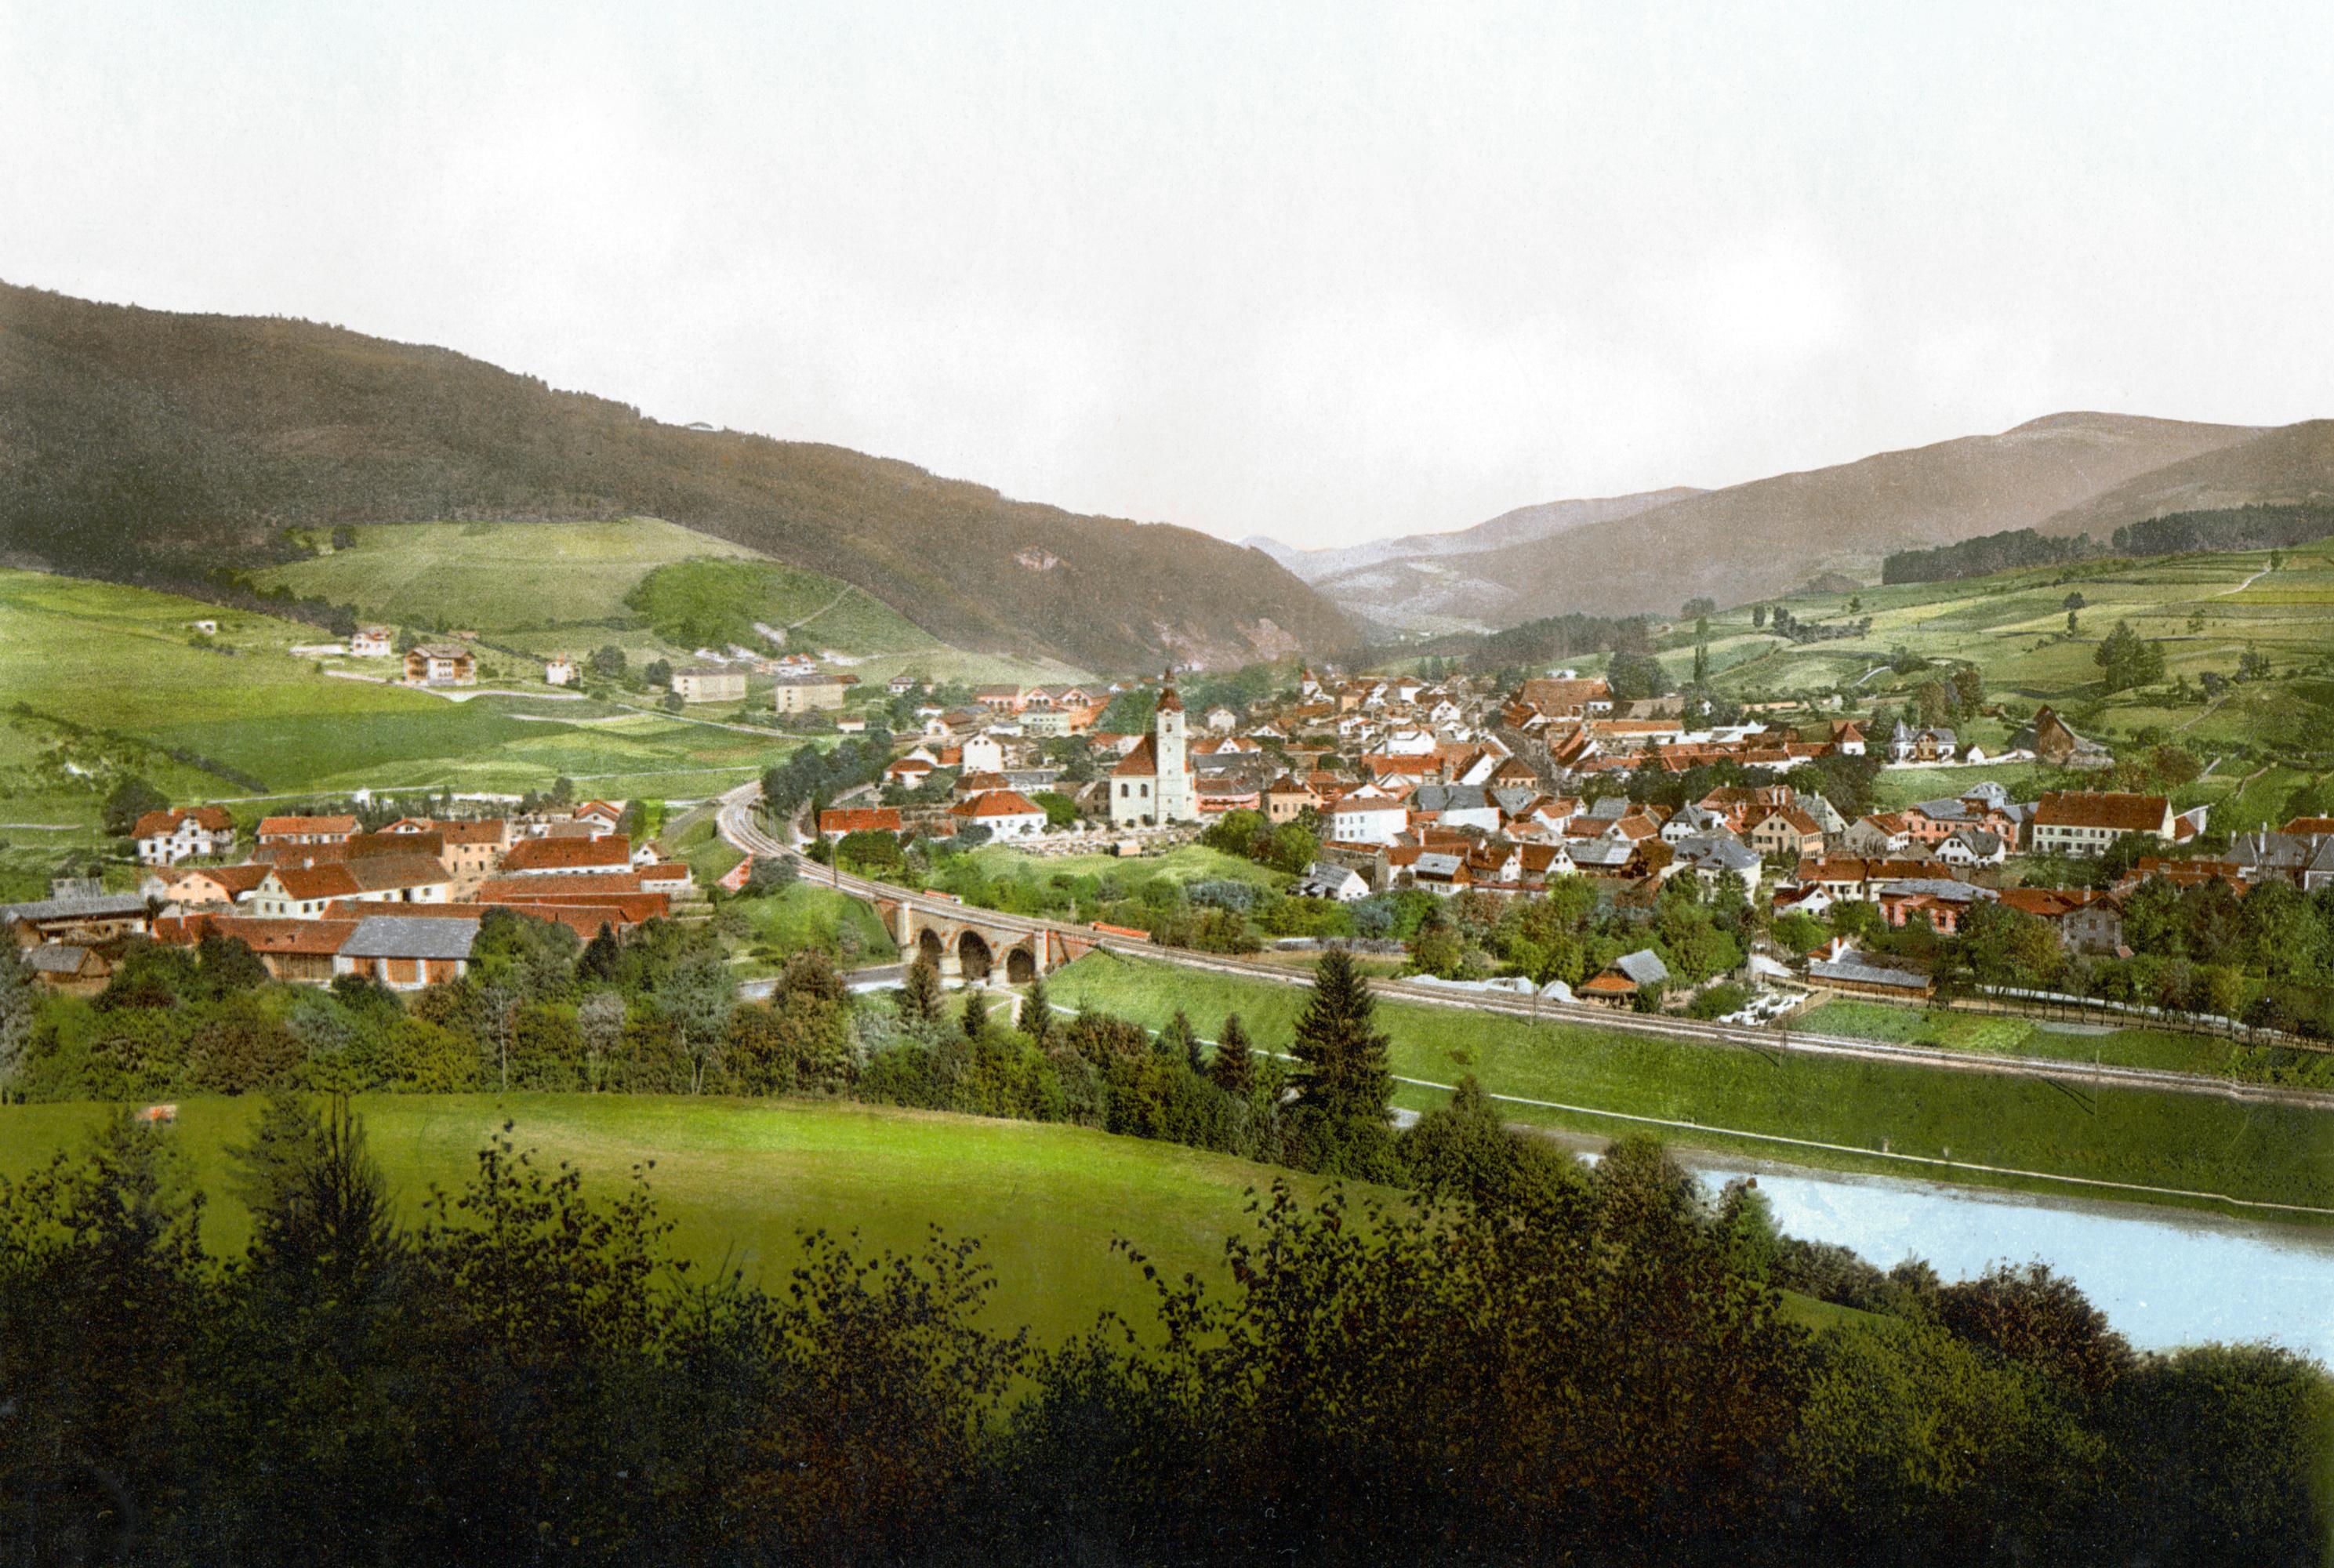 Mürzzuschlag, Postkarte ca. 1890-1900 © gemeinfrei